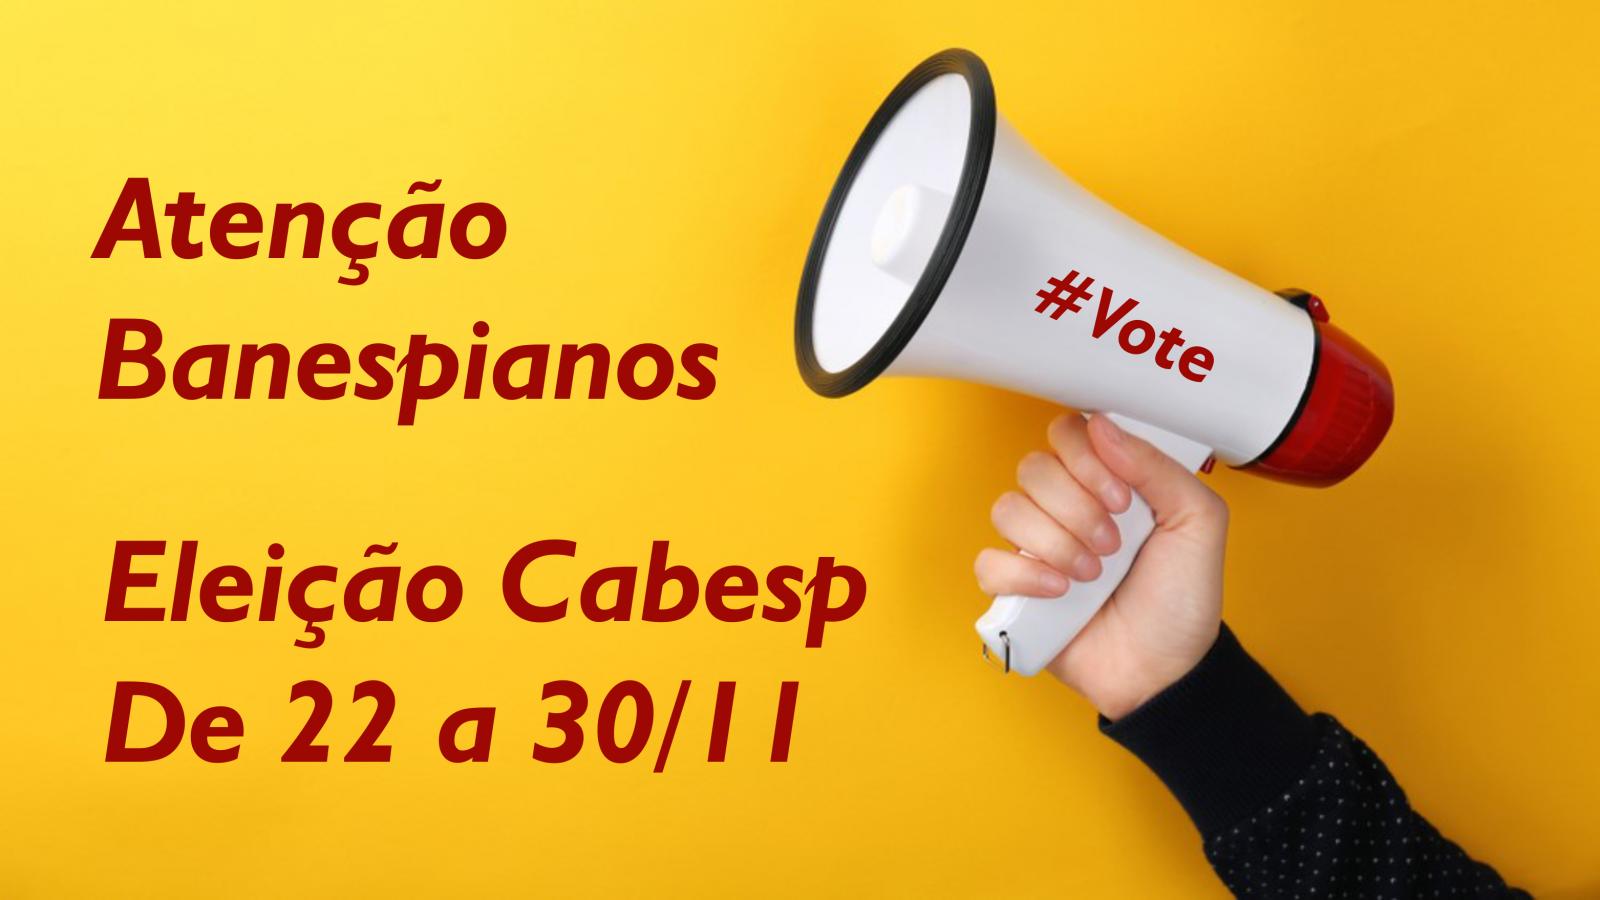 Atenção: Eleições Cabesp de 22 a 30/11